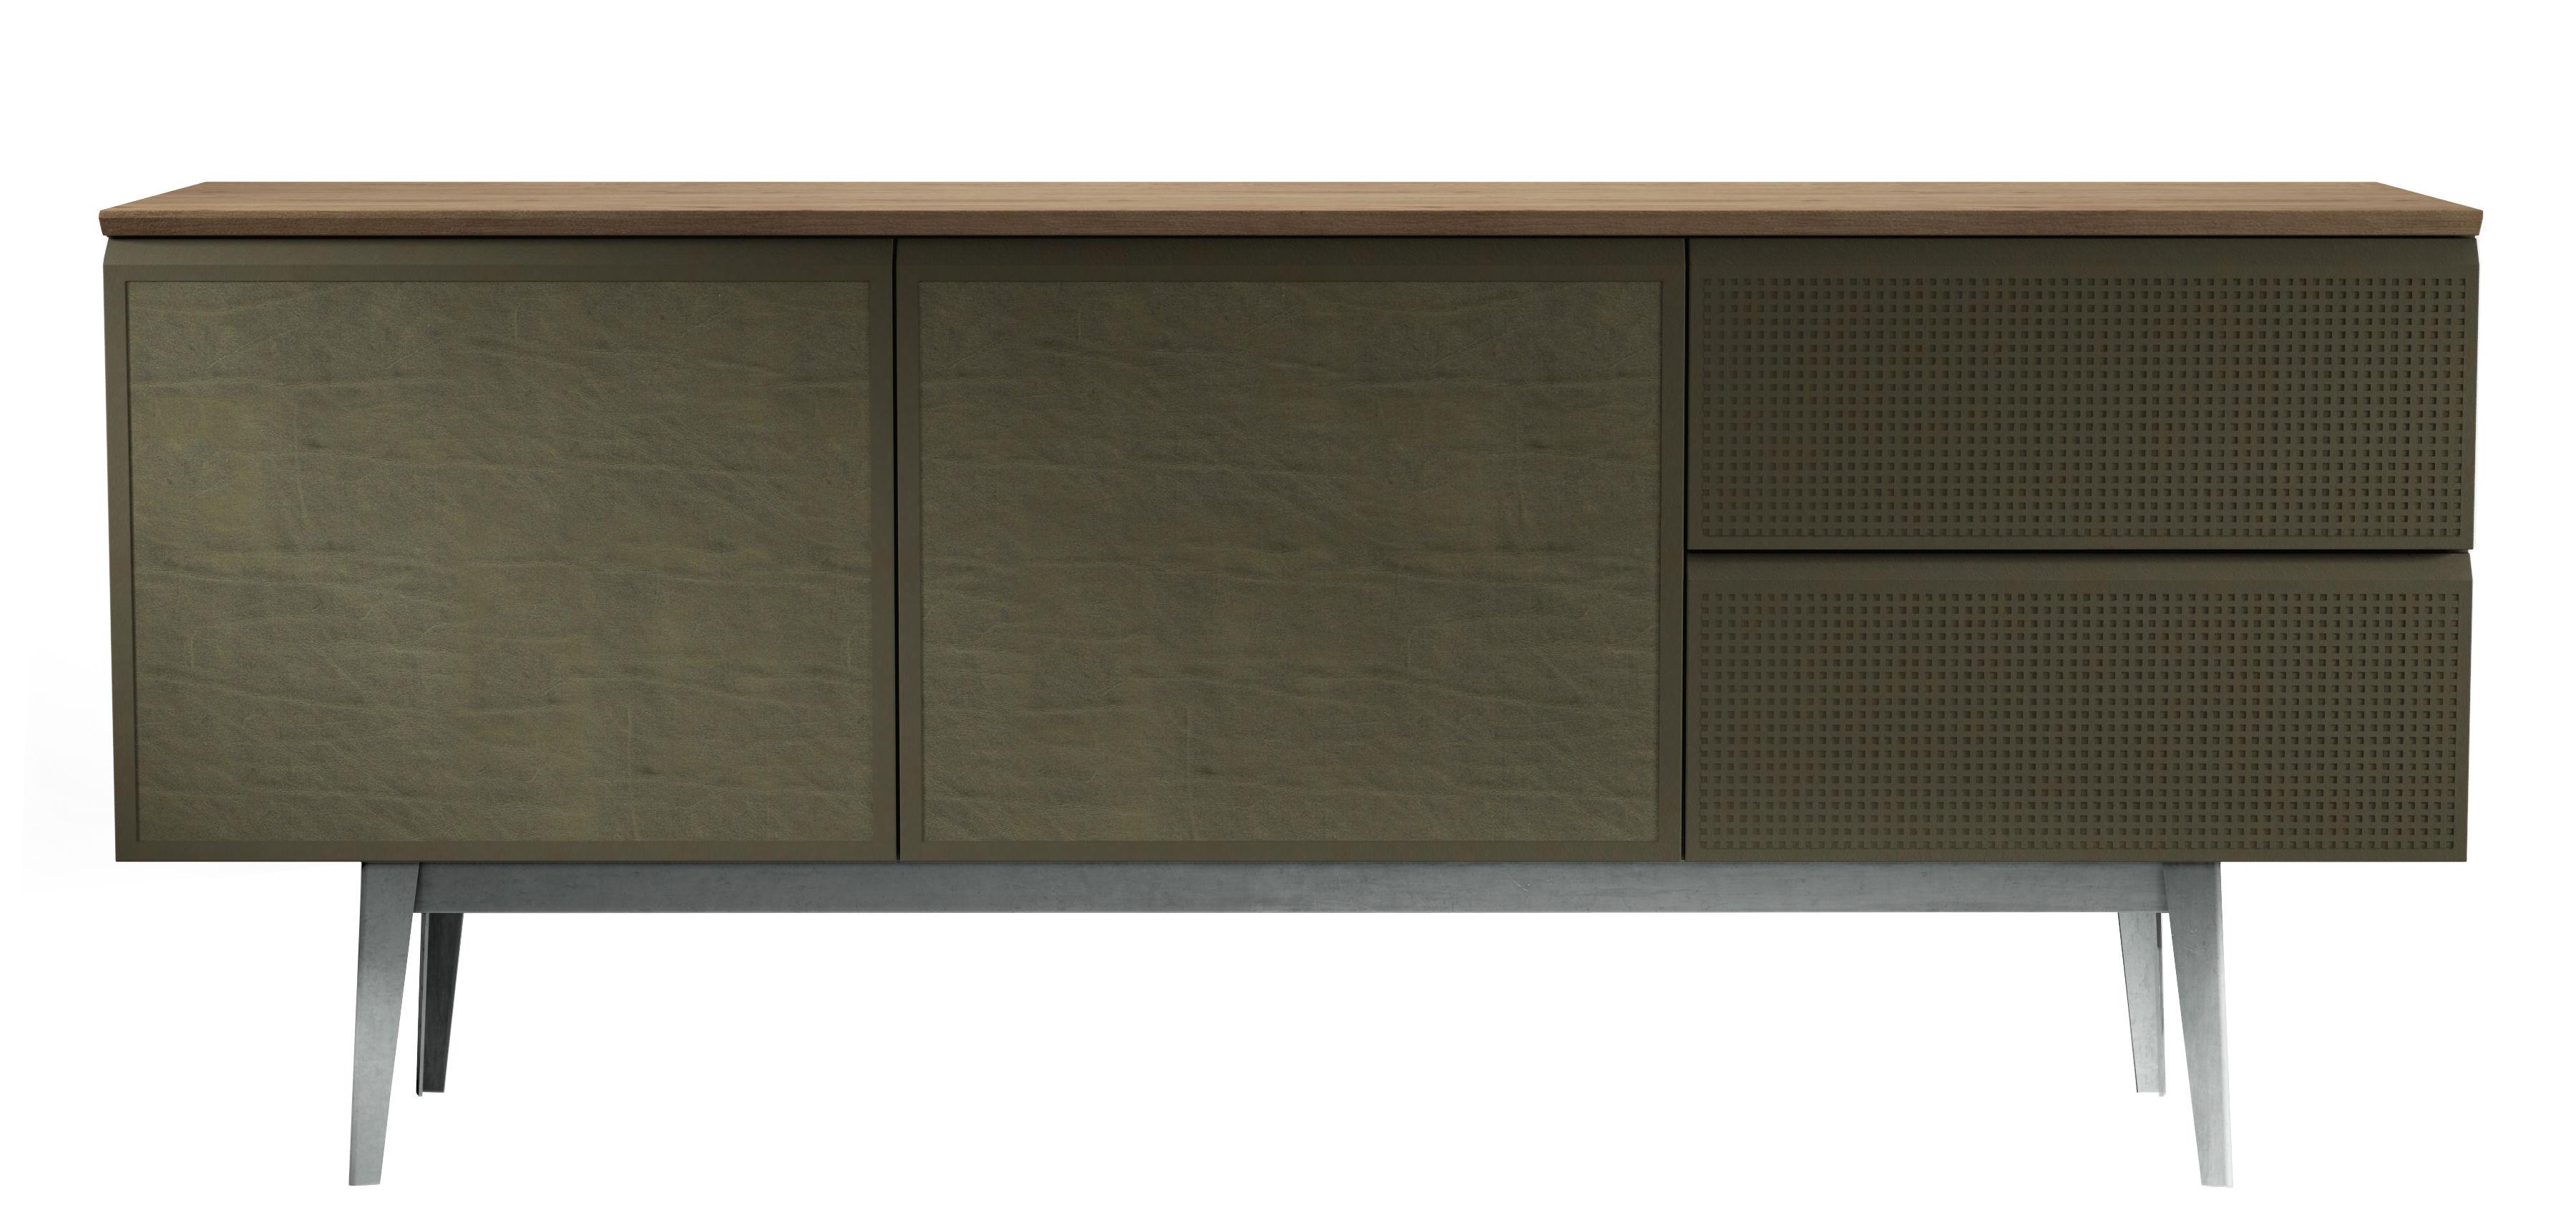 buffet voltaire l 180 cm 2 portes cuir vert portes cuir vert plateau bois diesel with. Black Bedroom Furniture Sets. Home Design Ideas